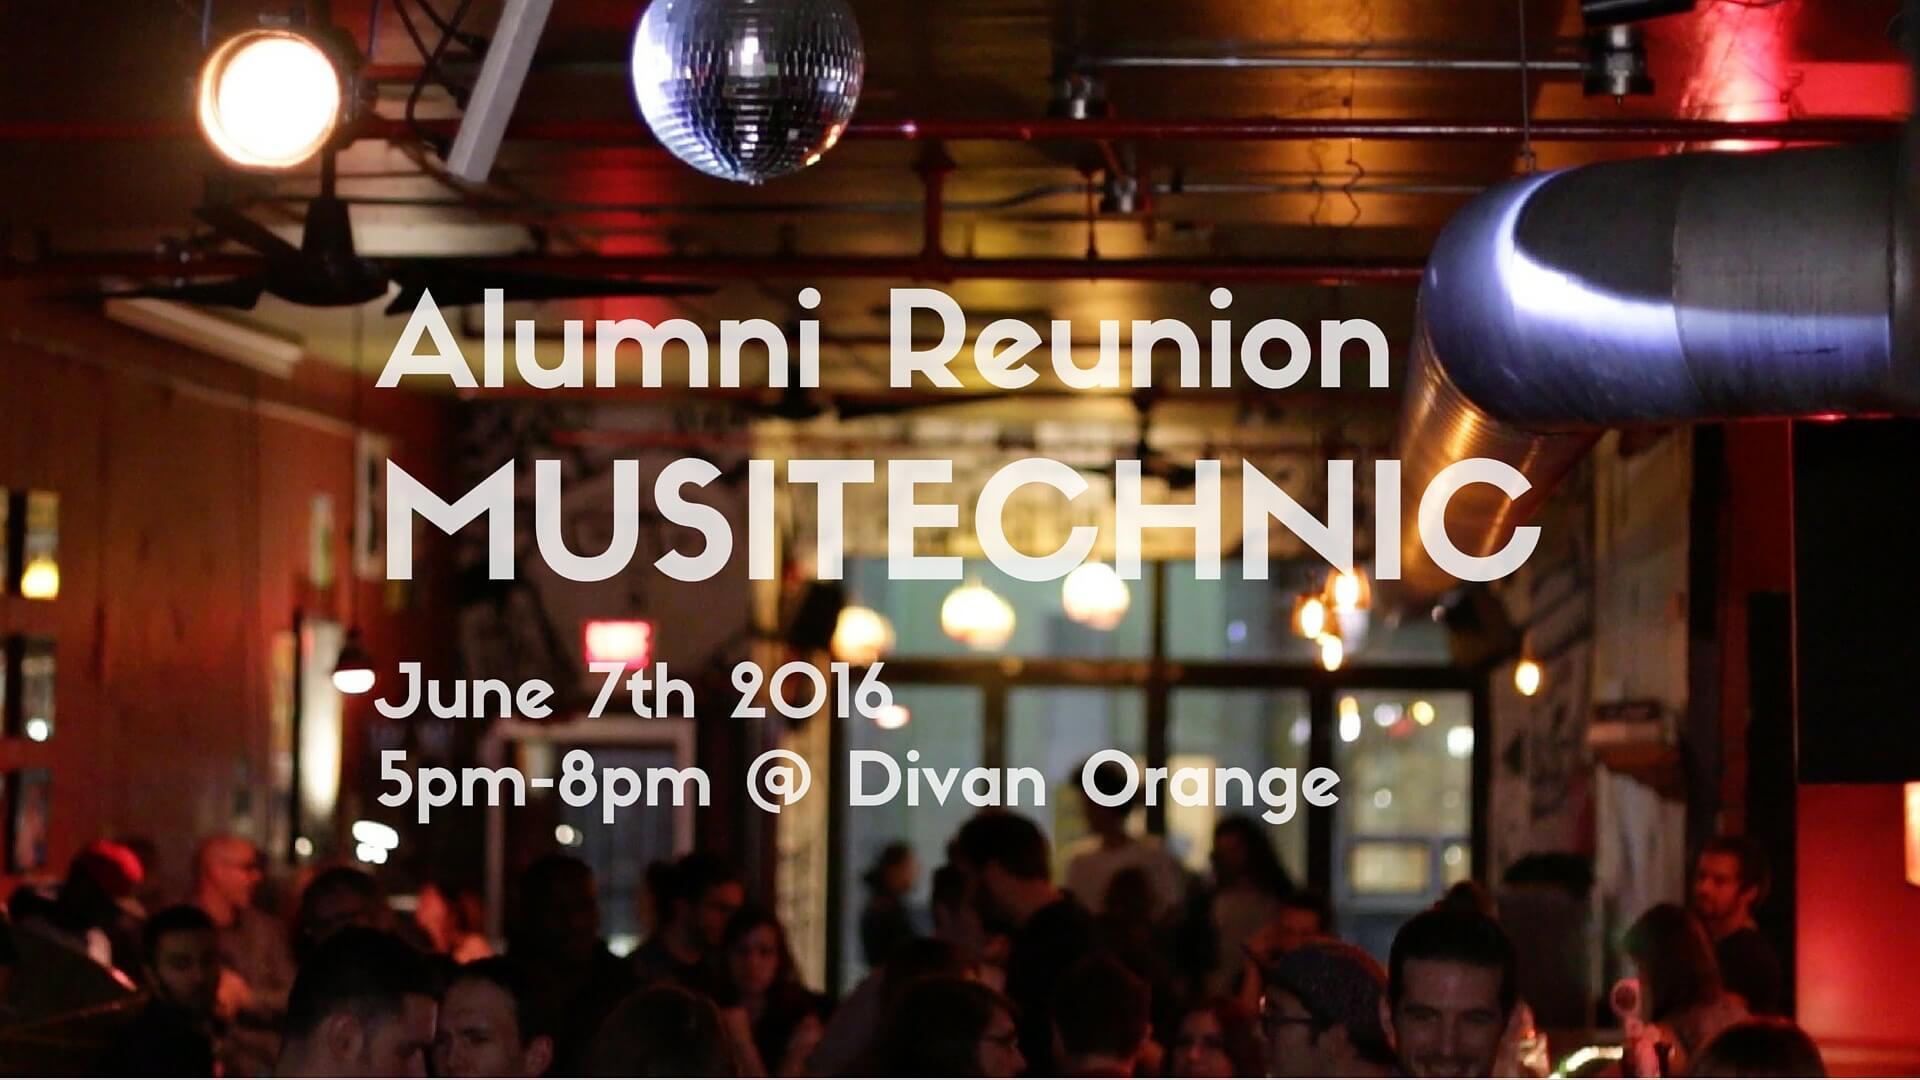 Musitechnic Alumni